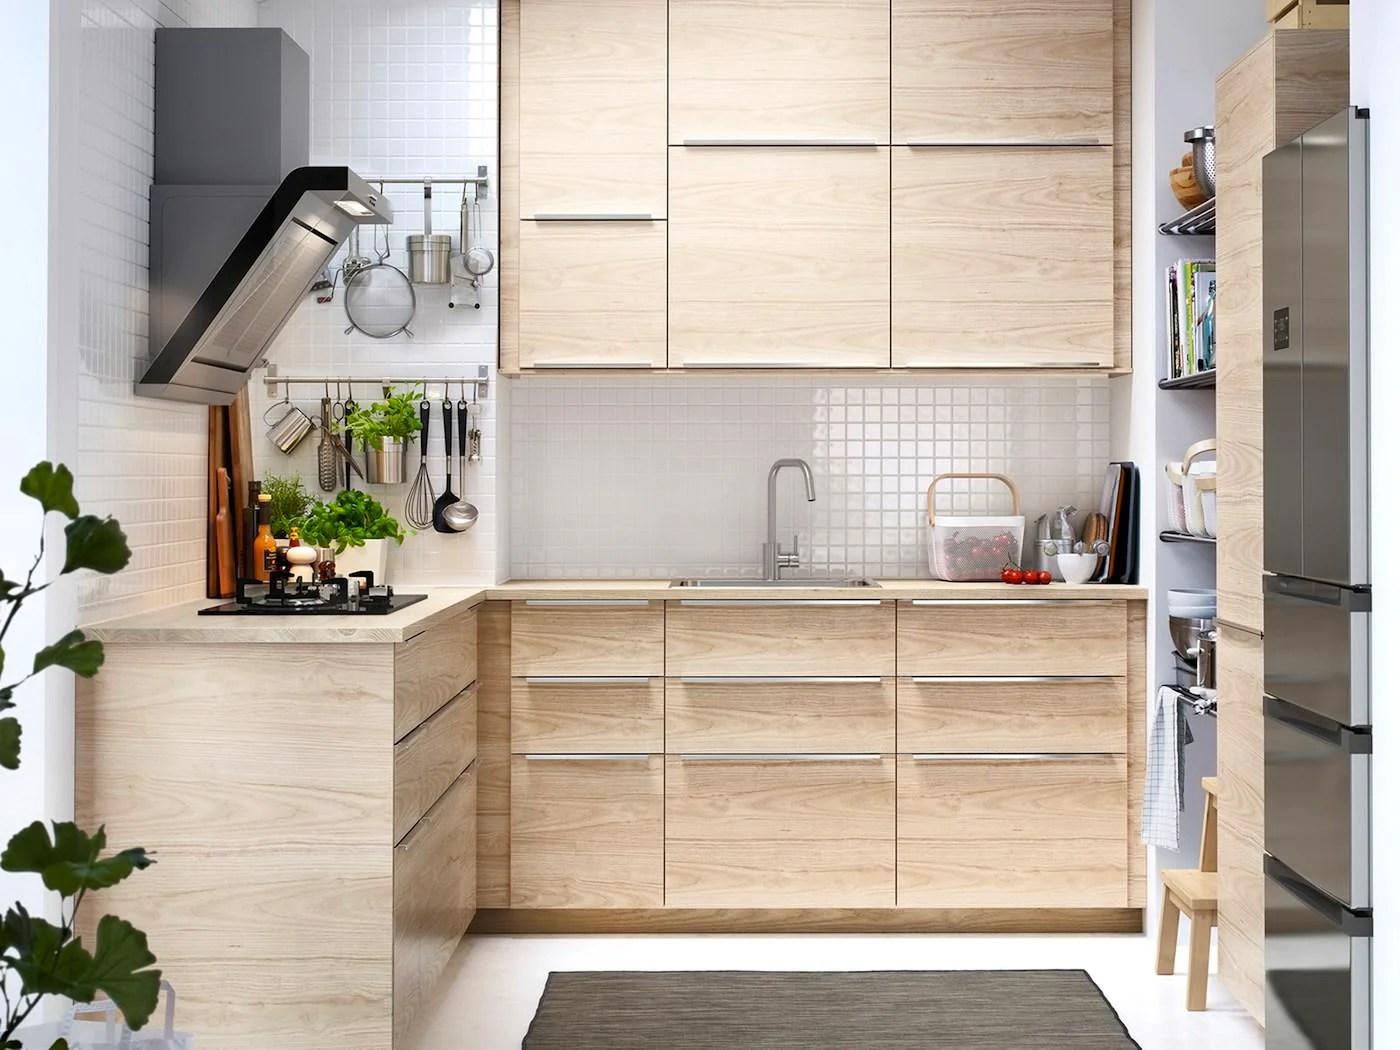 Ikea Küchenplaner Mac Os X